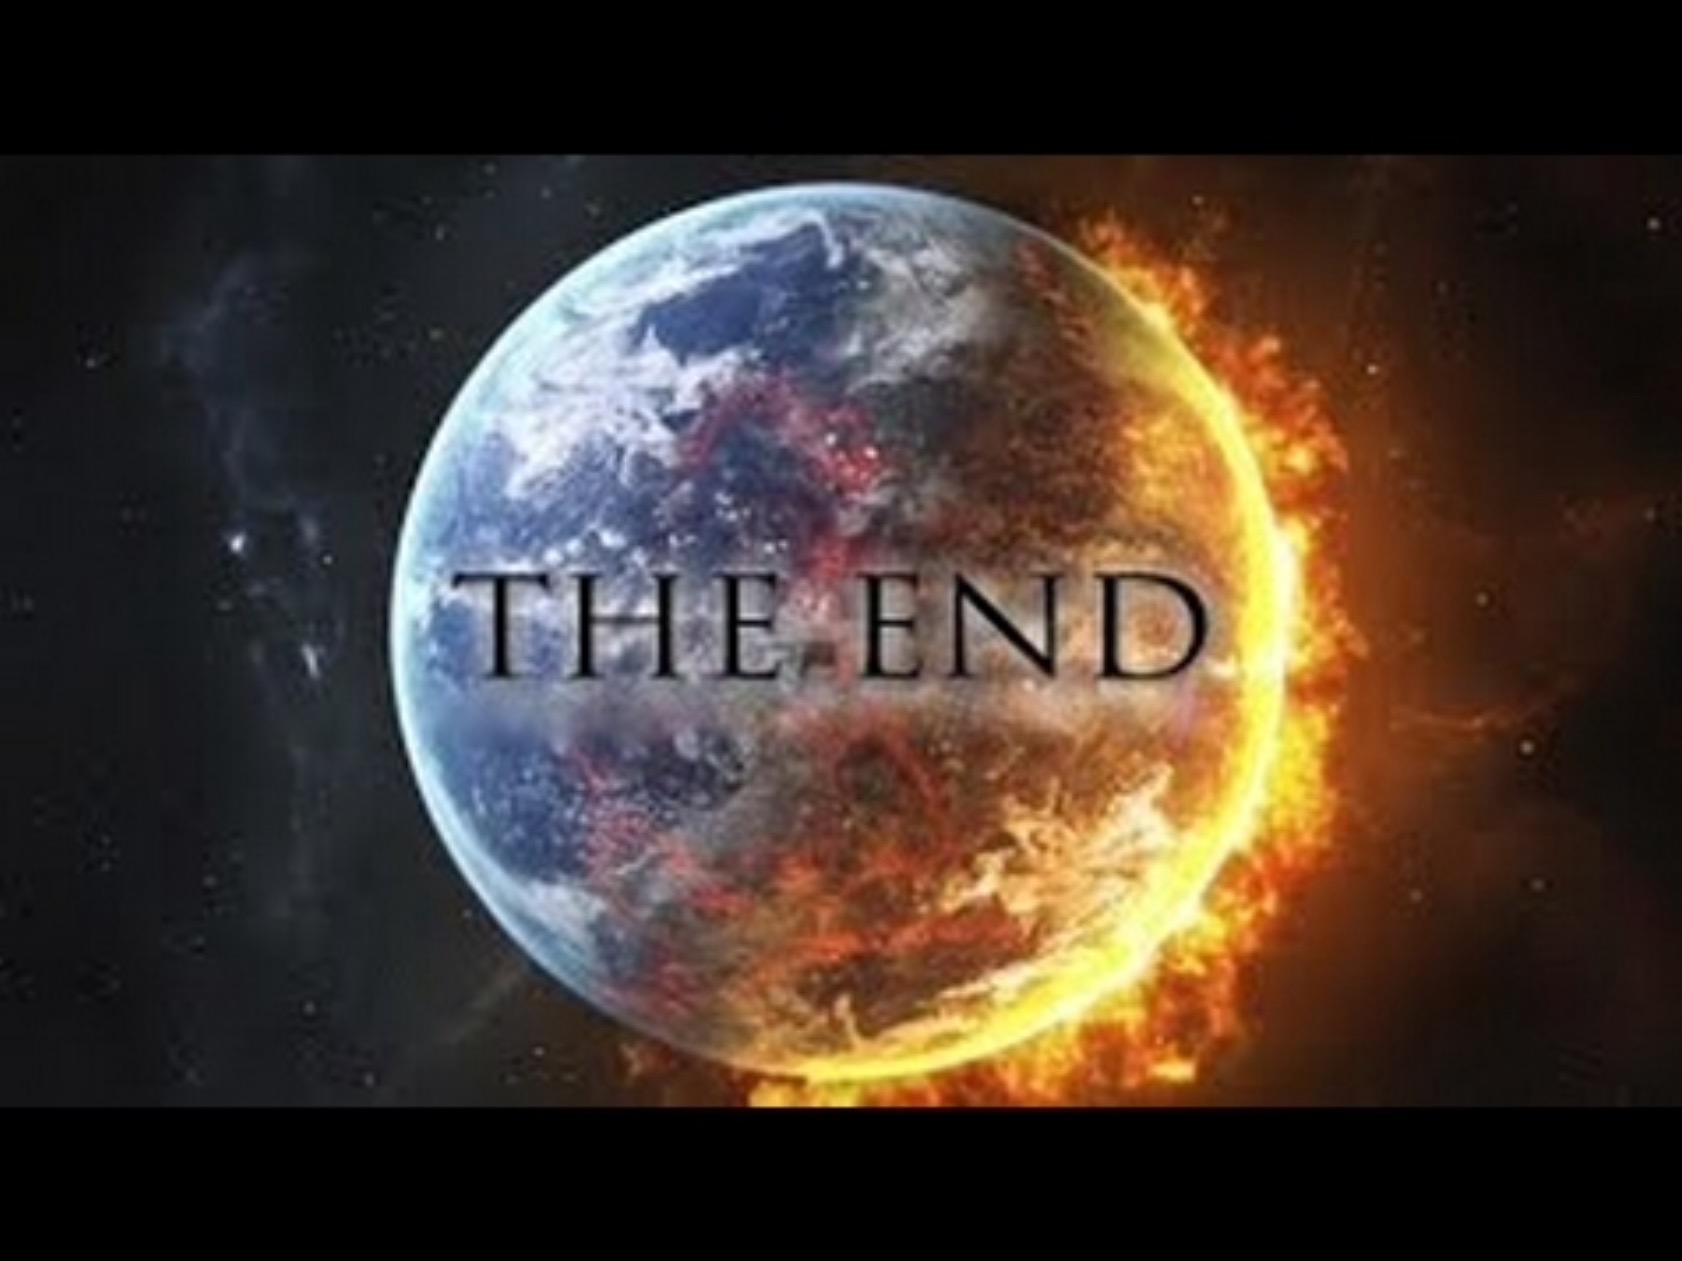 Sticker other apocalypse terre the end fin du monde elite ww3 apocalypse atome bombe panique